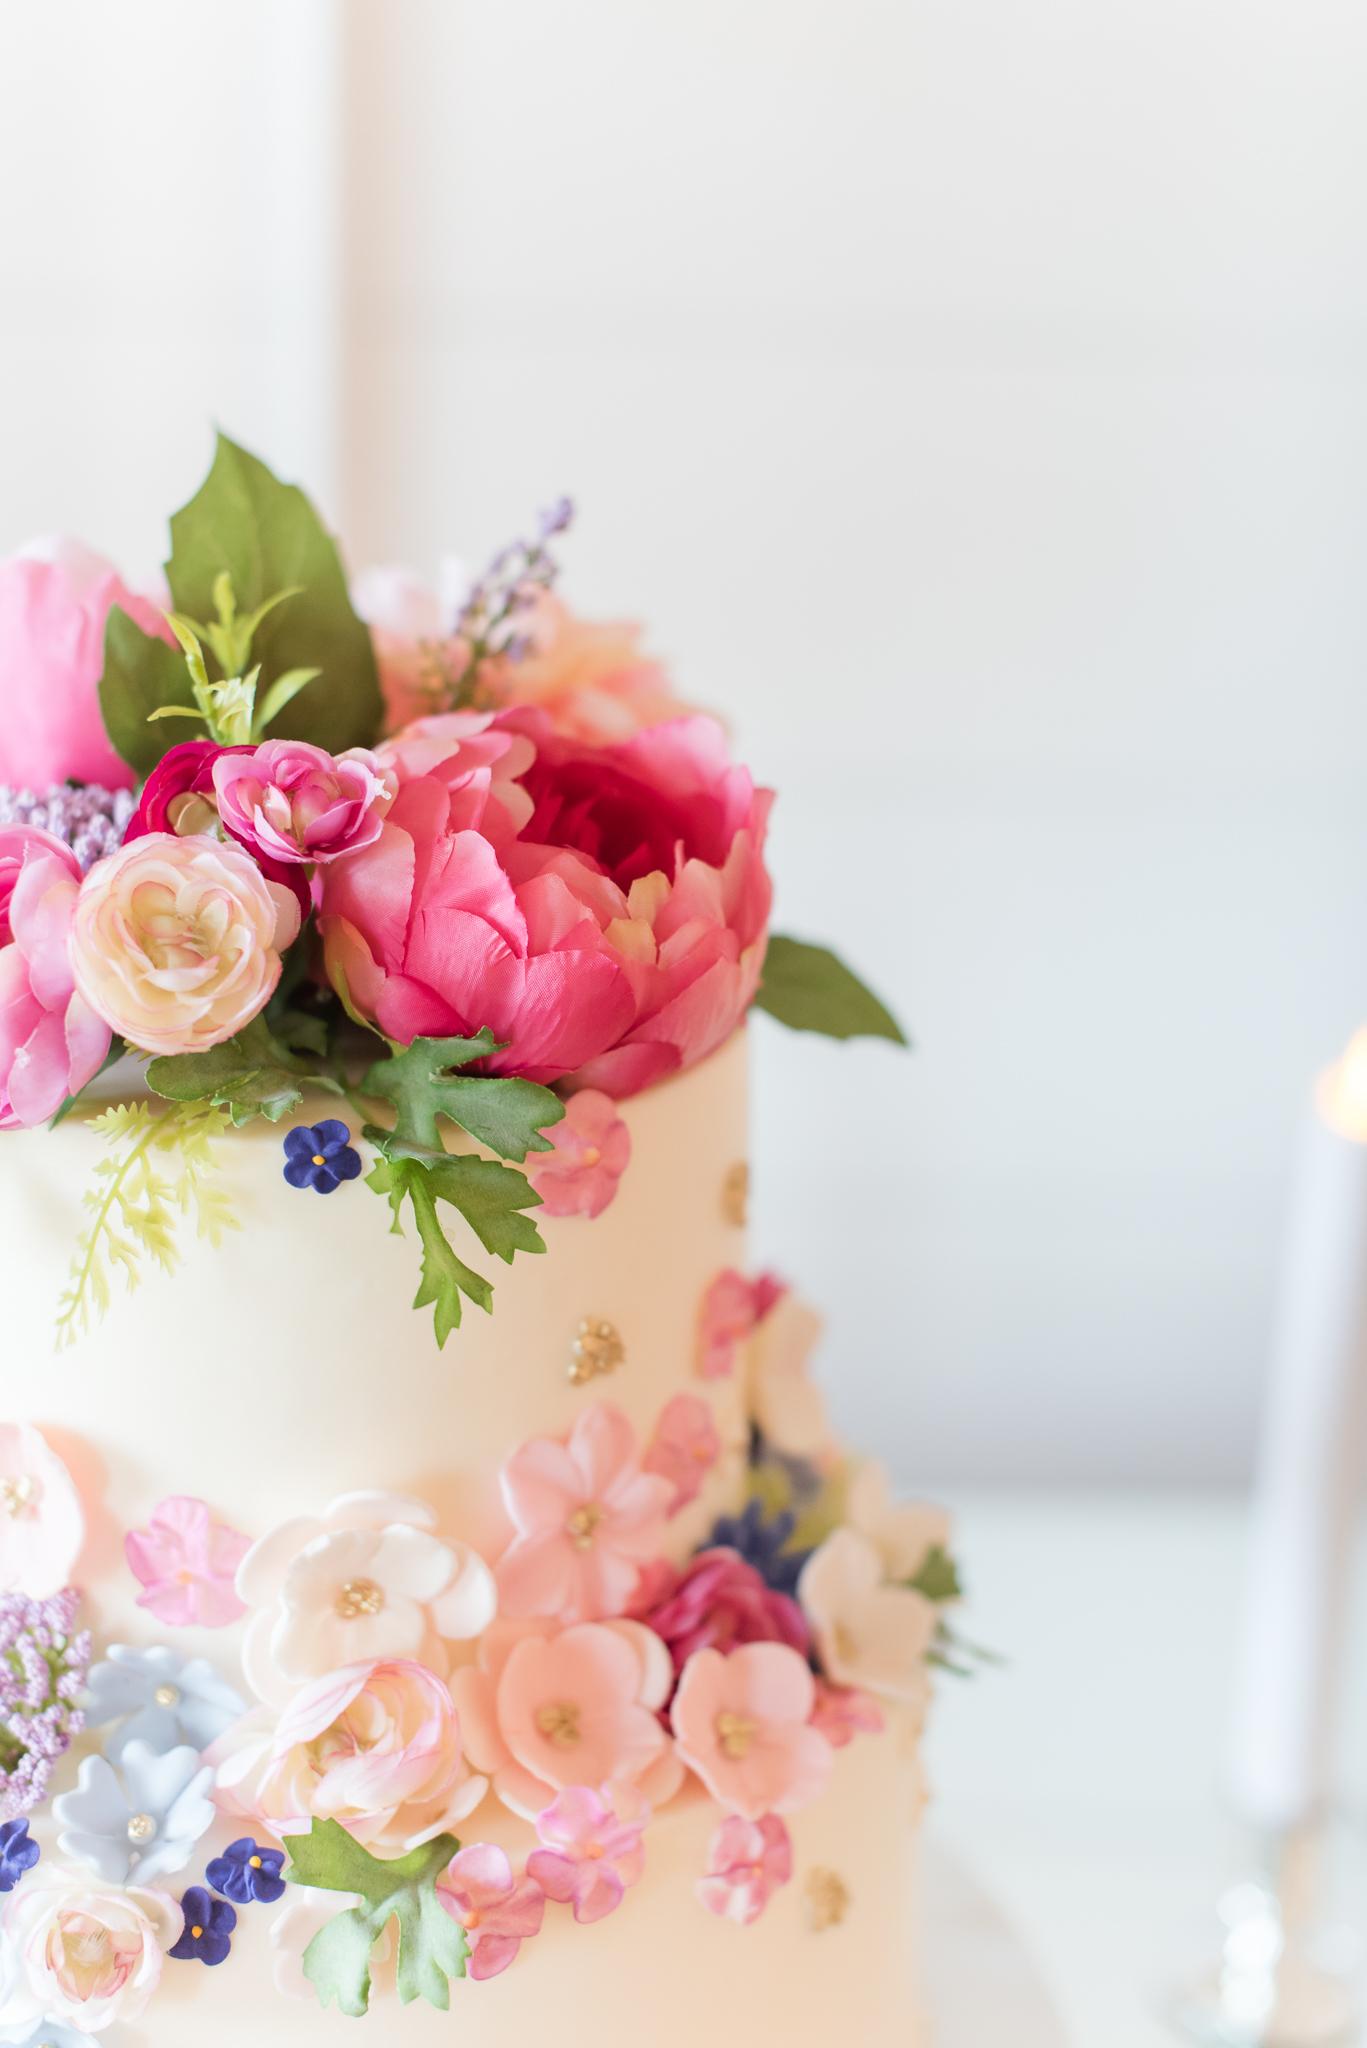 Wedding Reception at Bash in Carmel Indiana7426.jpg